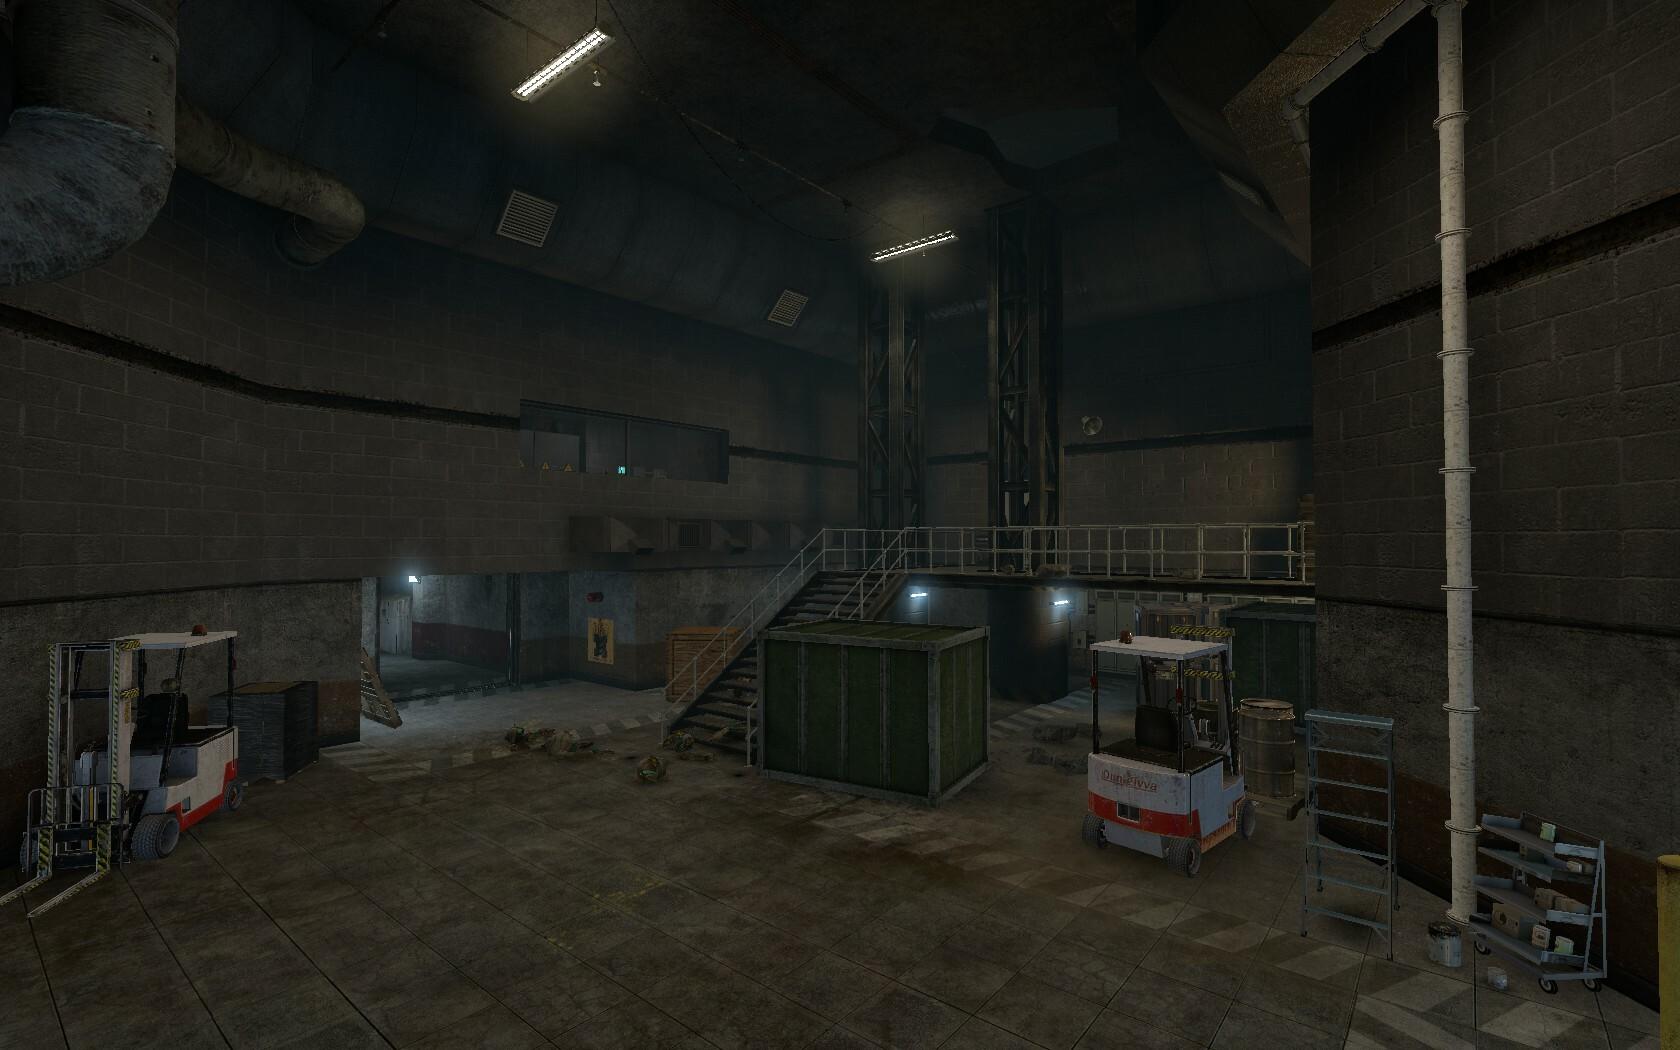 Indoor warehouse (July 2017)